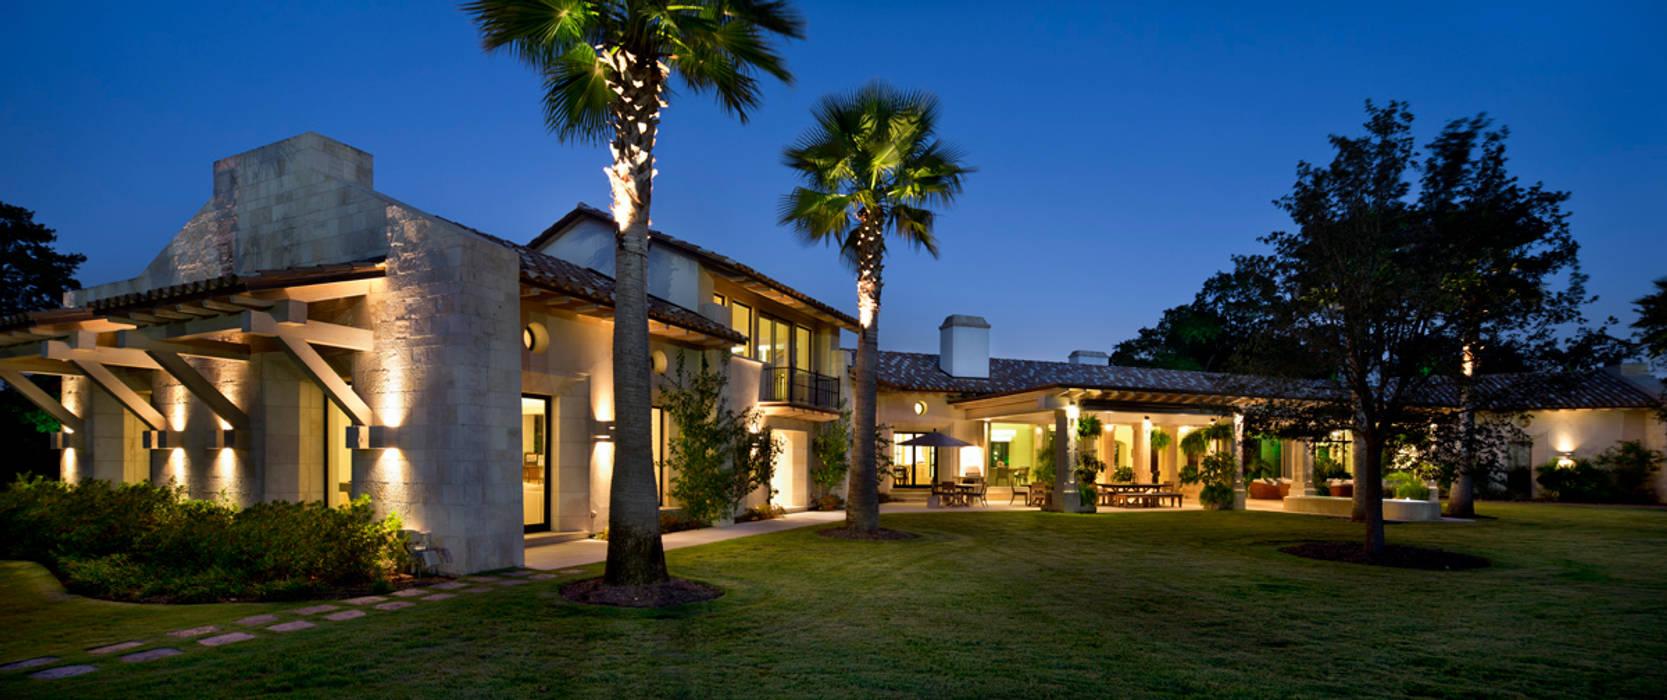 Fachada Interior Casas de estilo rústico de Artigas Arquitectos Rústico